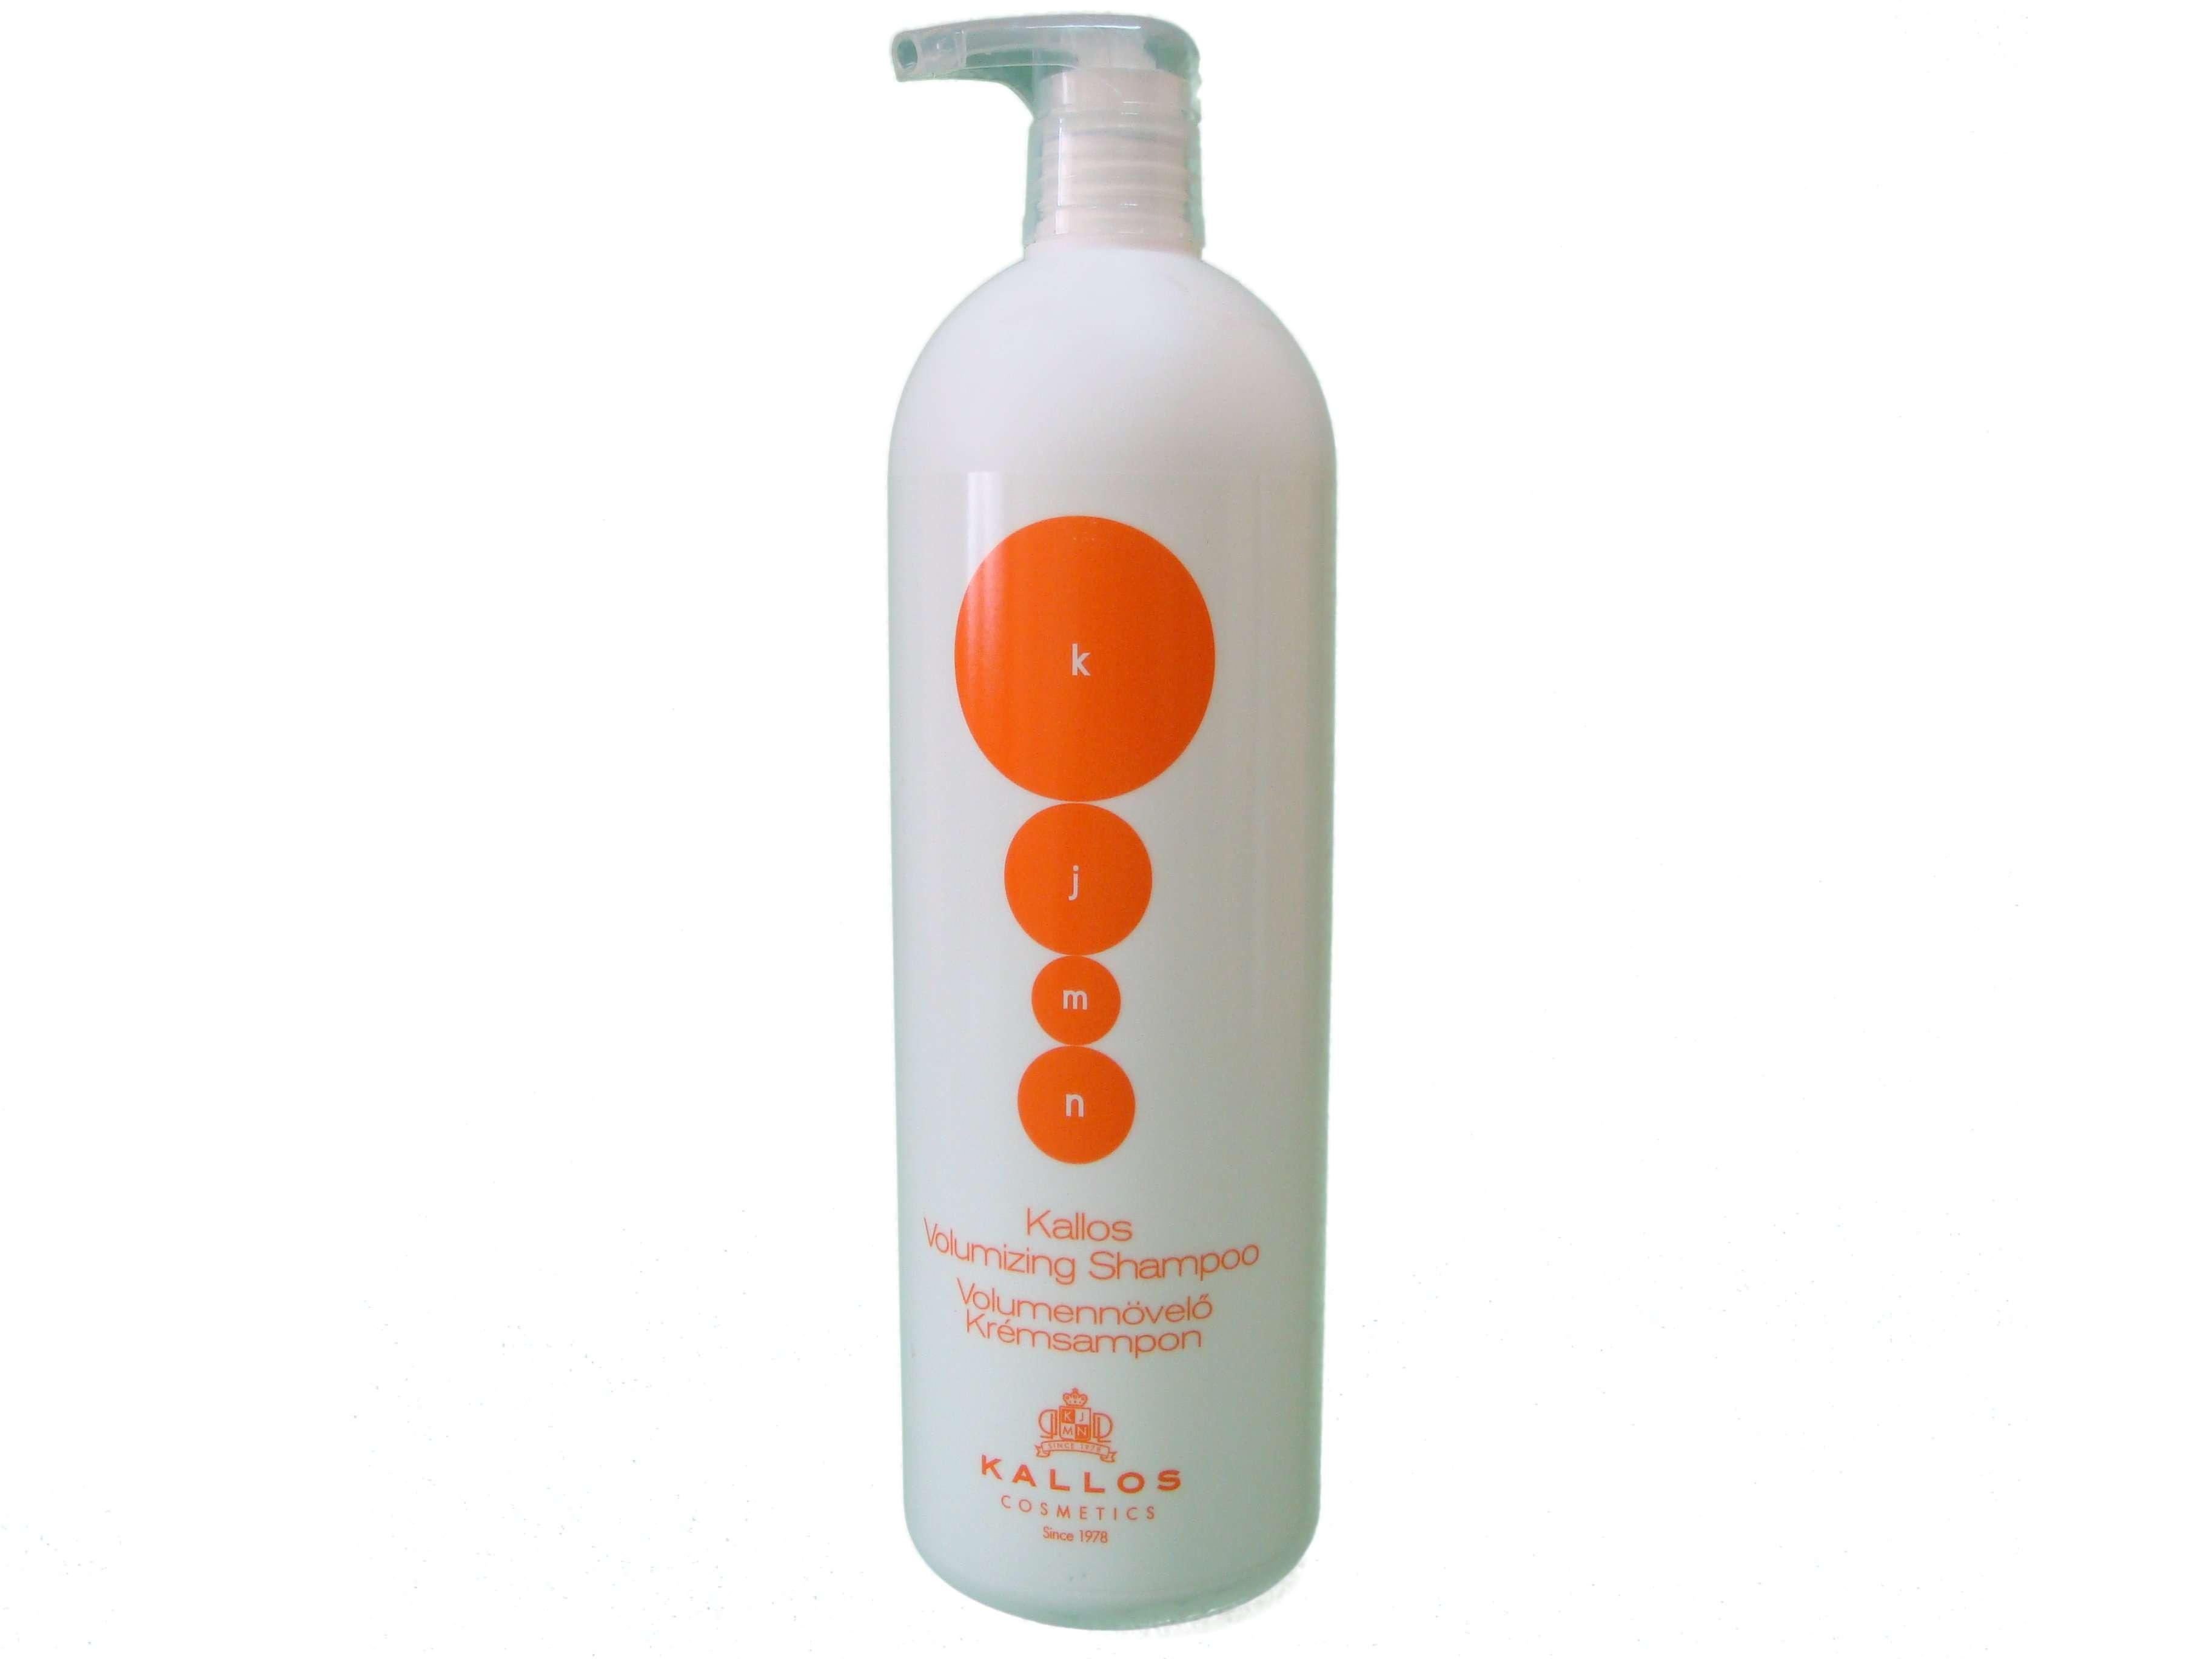 Шампунь для объема волос с провитамином b5